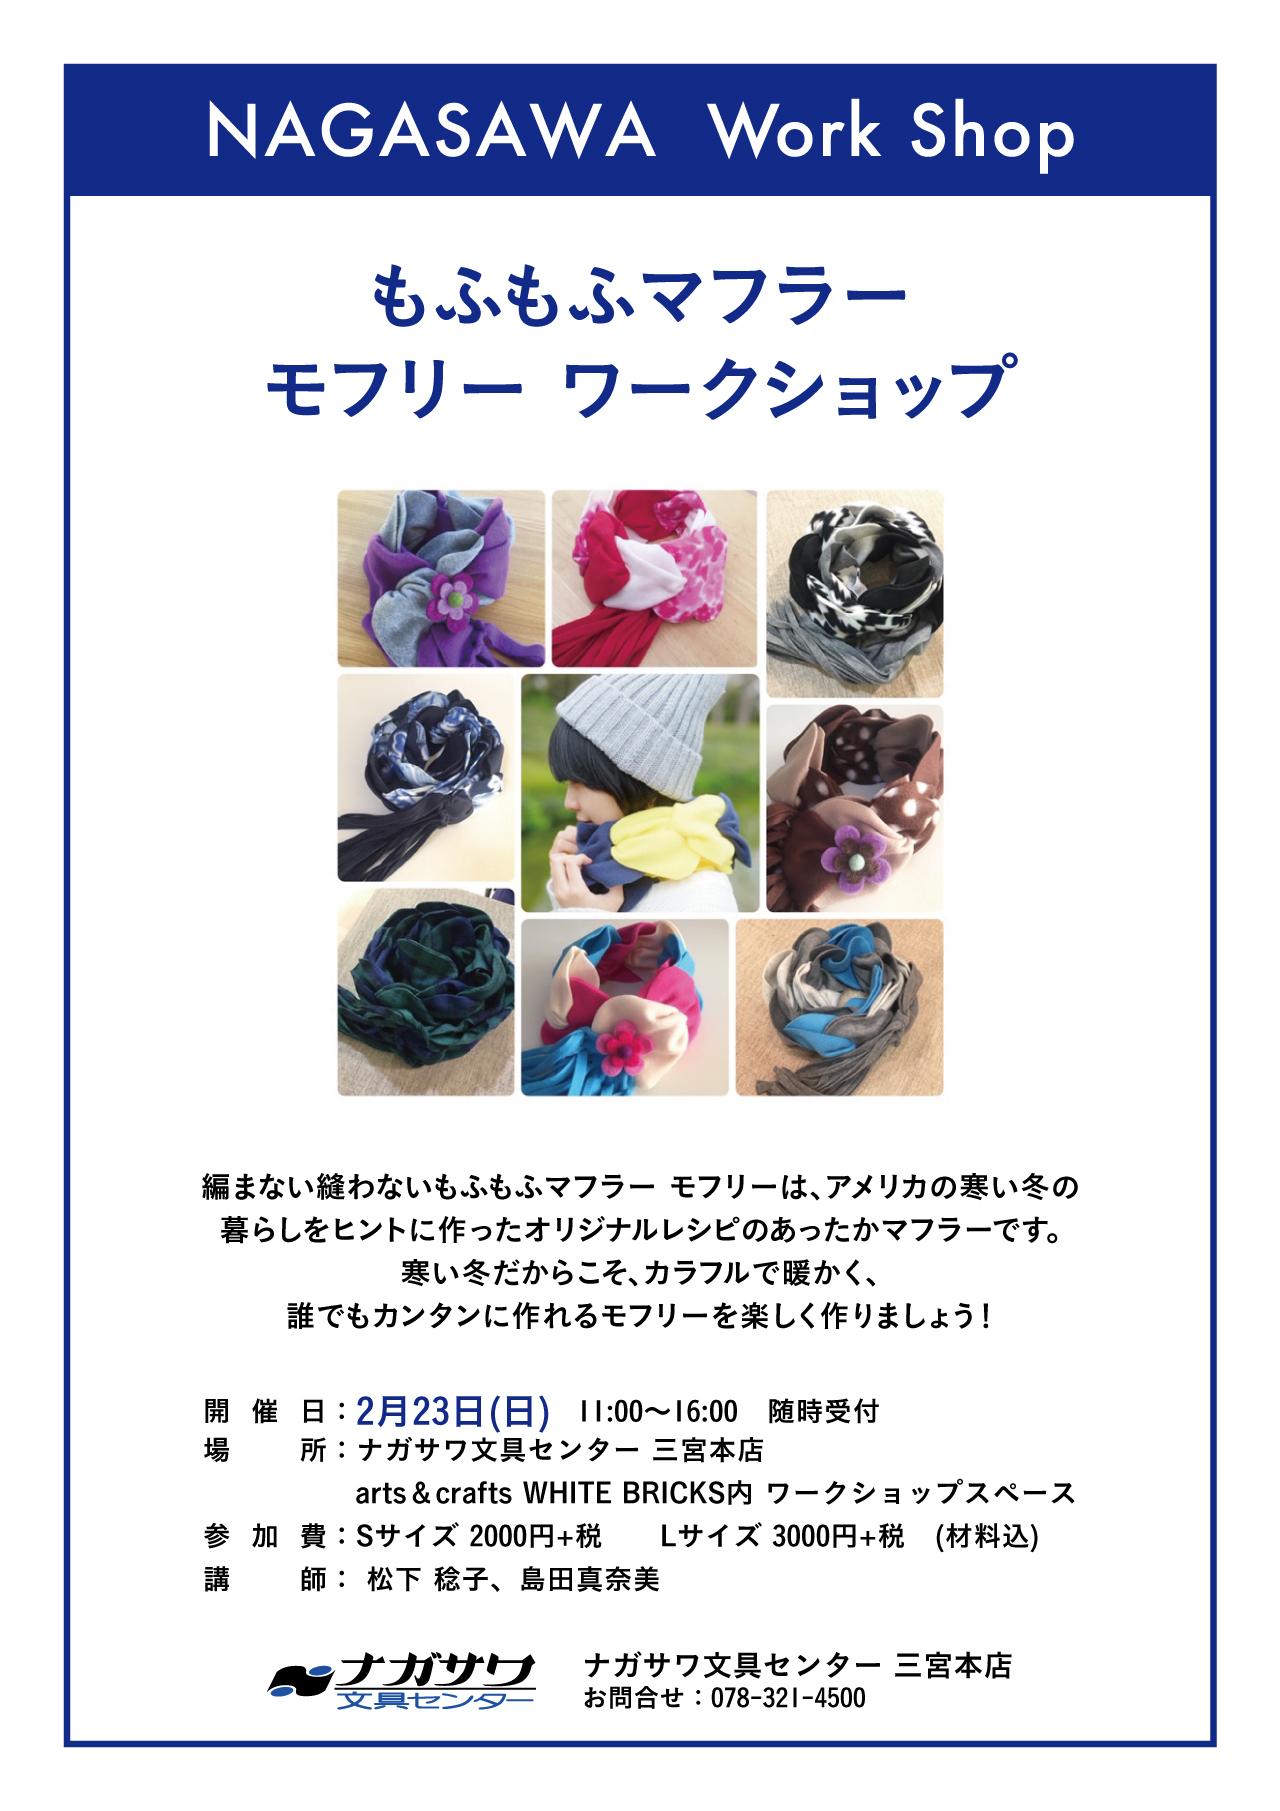 【本店】子どもも大人も編まずに縫わずに楽しんで作れるモフリー作りを楽しみませんか?